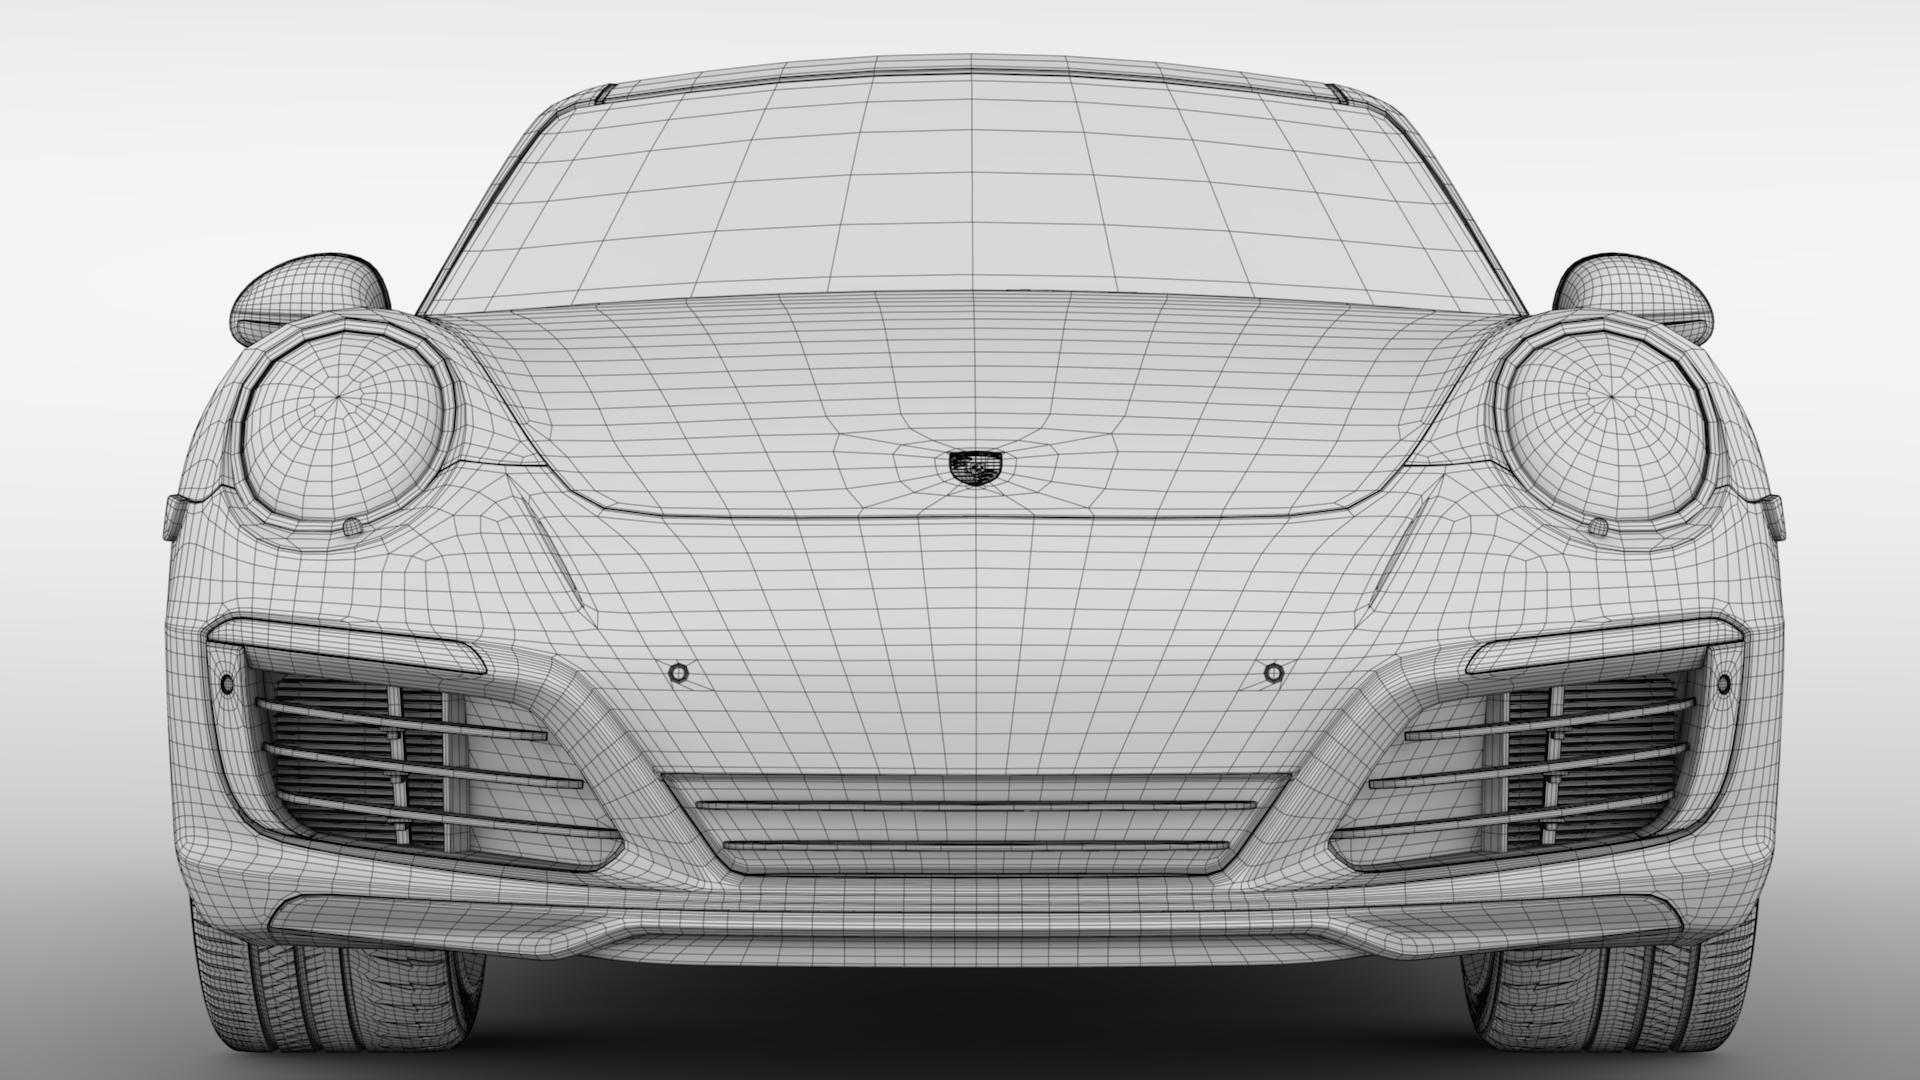 porsche 911 carrera t coupe (991) 2018 3d model max fbx c4d lwo ma mb hrc xsi obj 278978